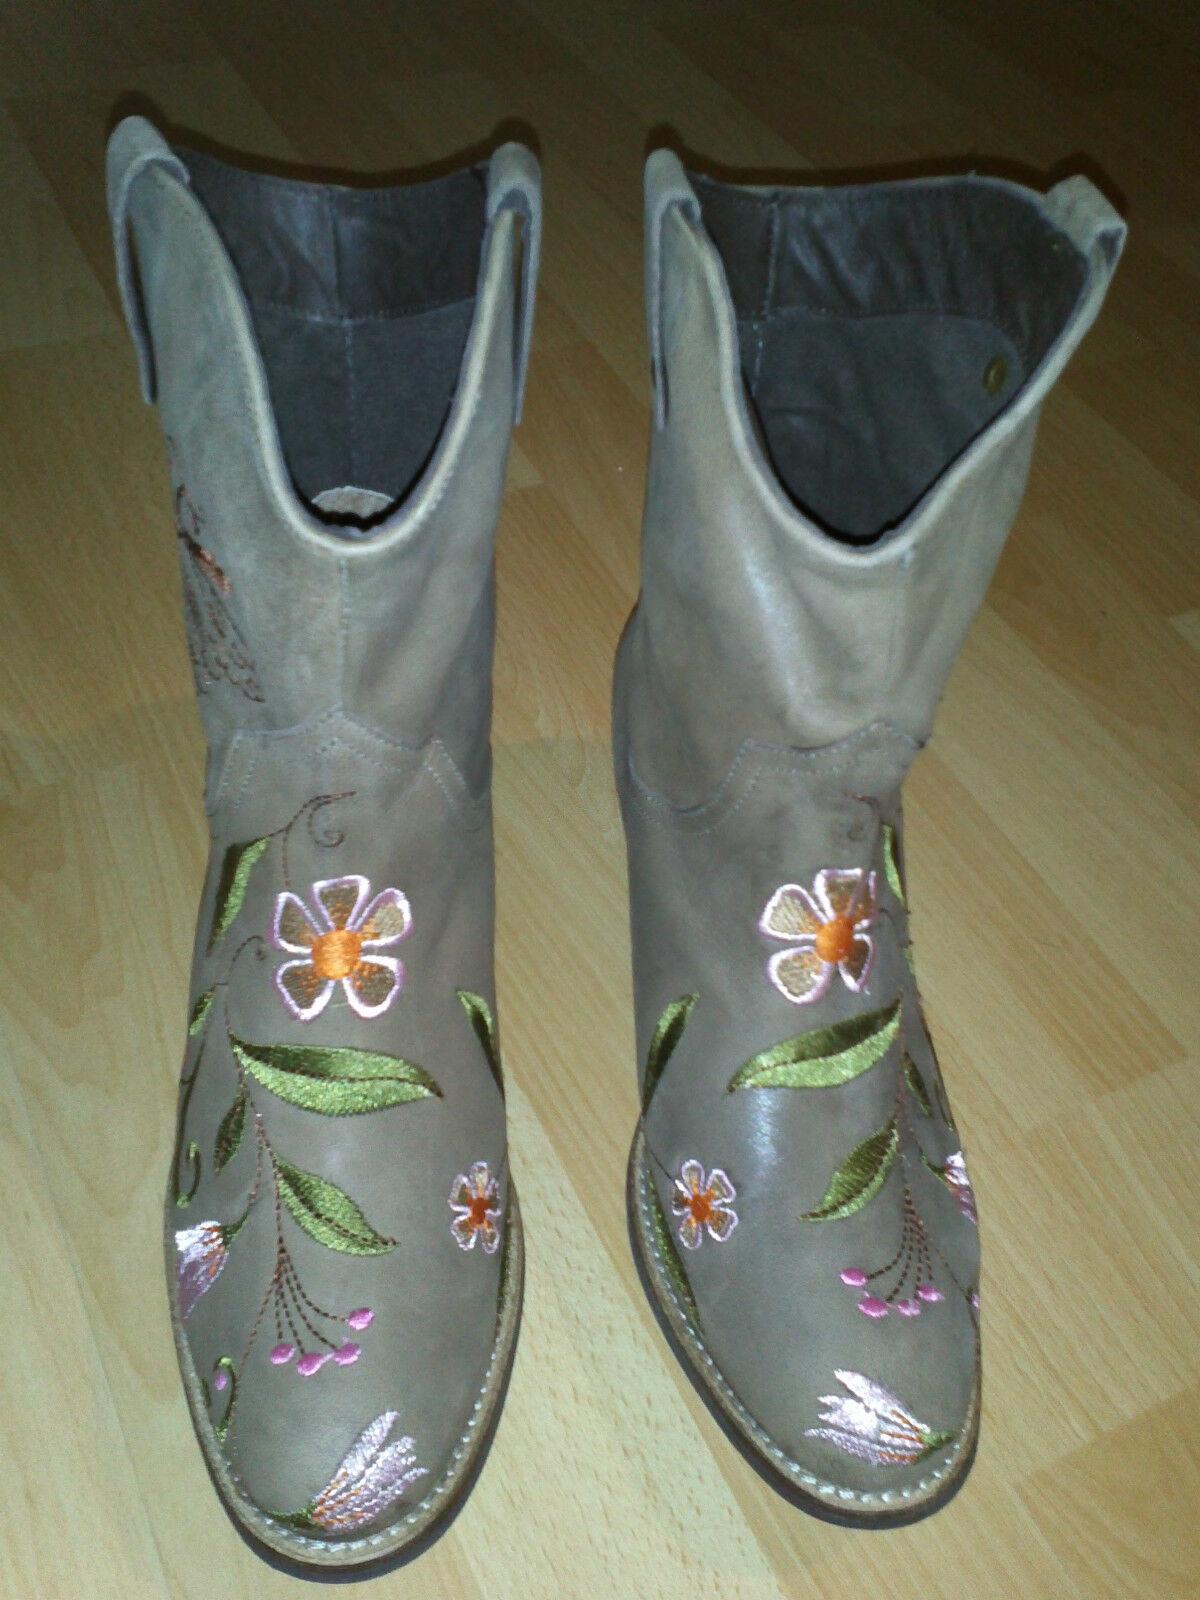 Cream Damen Leder Cowboy Westernstiefel im Hippie-Style mit Stickerei 39-40 NEU